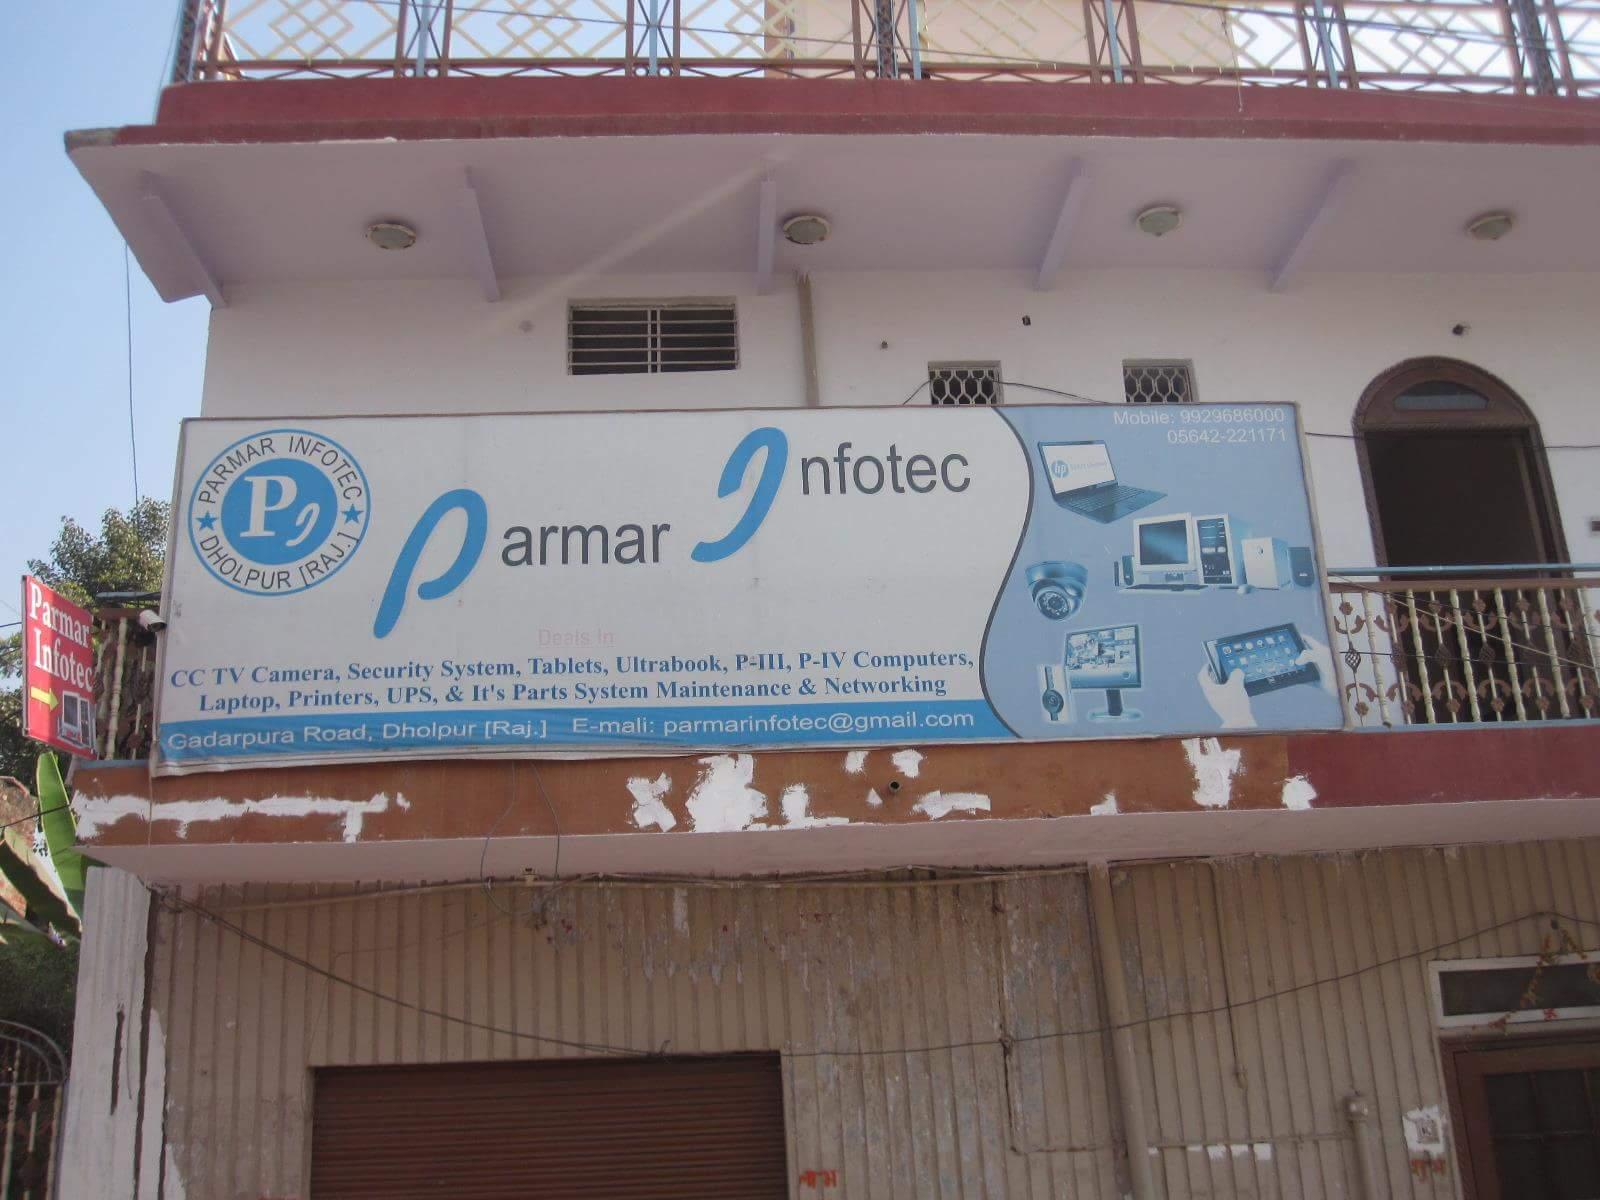 Parmar Infotec